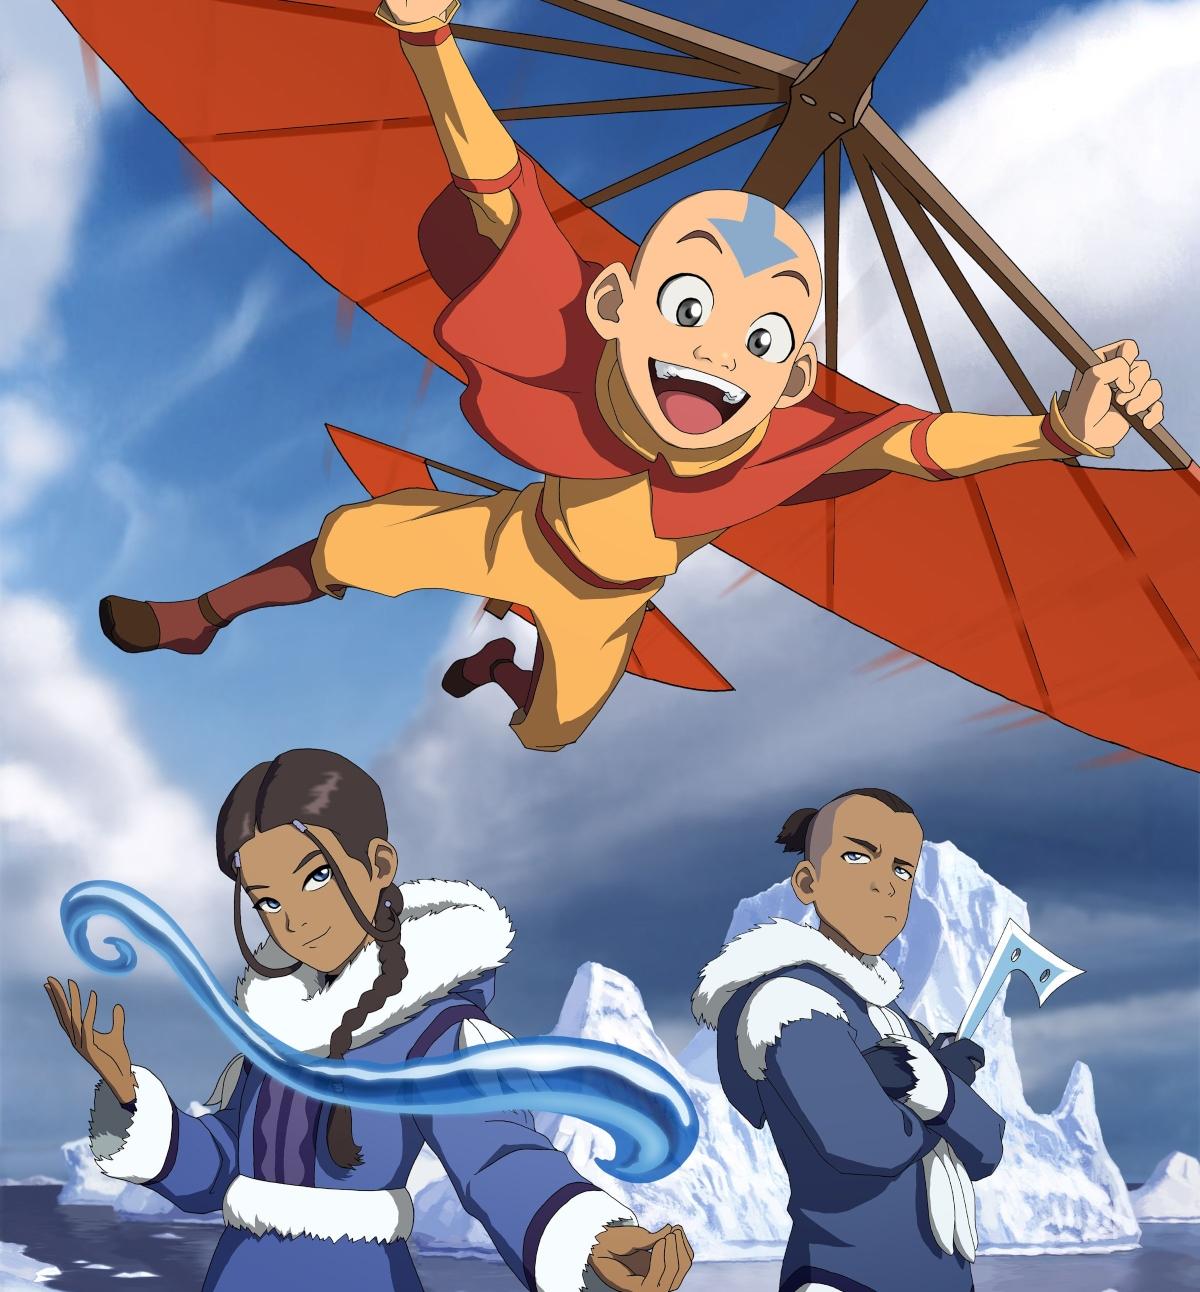 'Avatar: The Last Airbender' with Aang, Katara, and Sokka